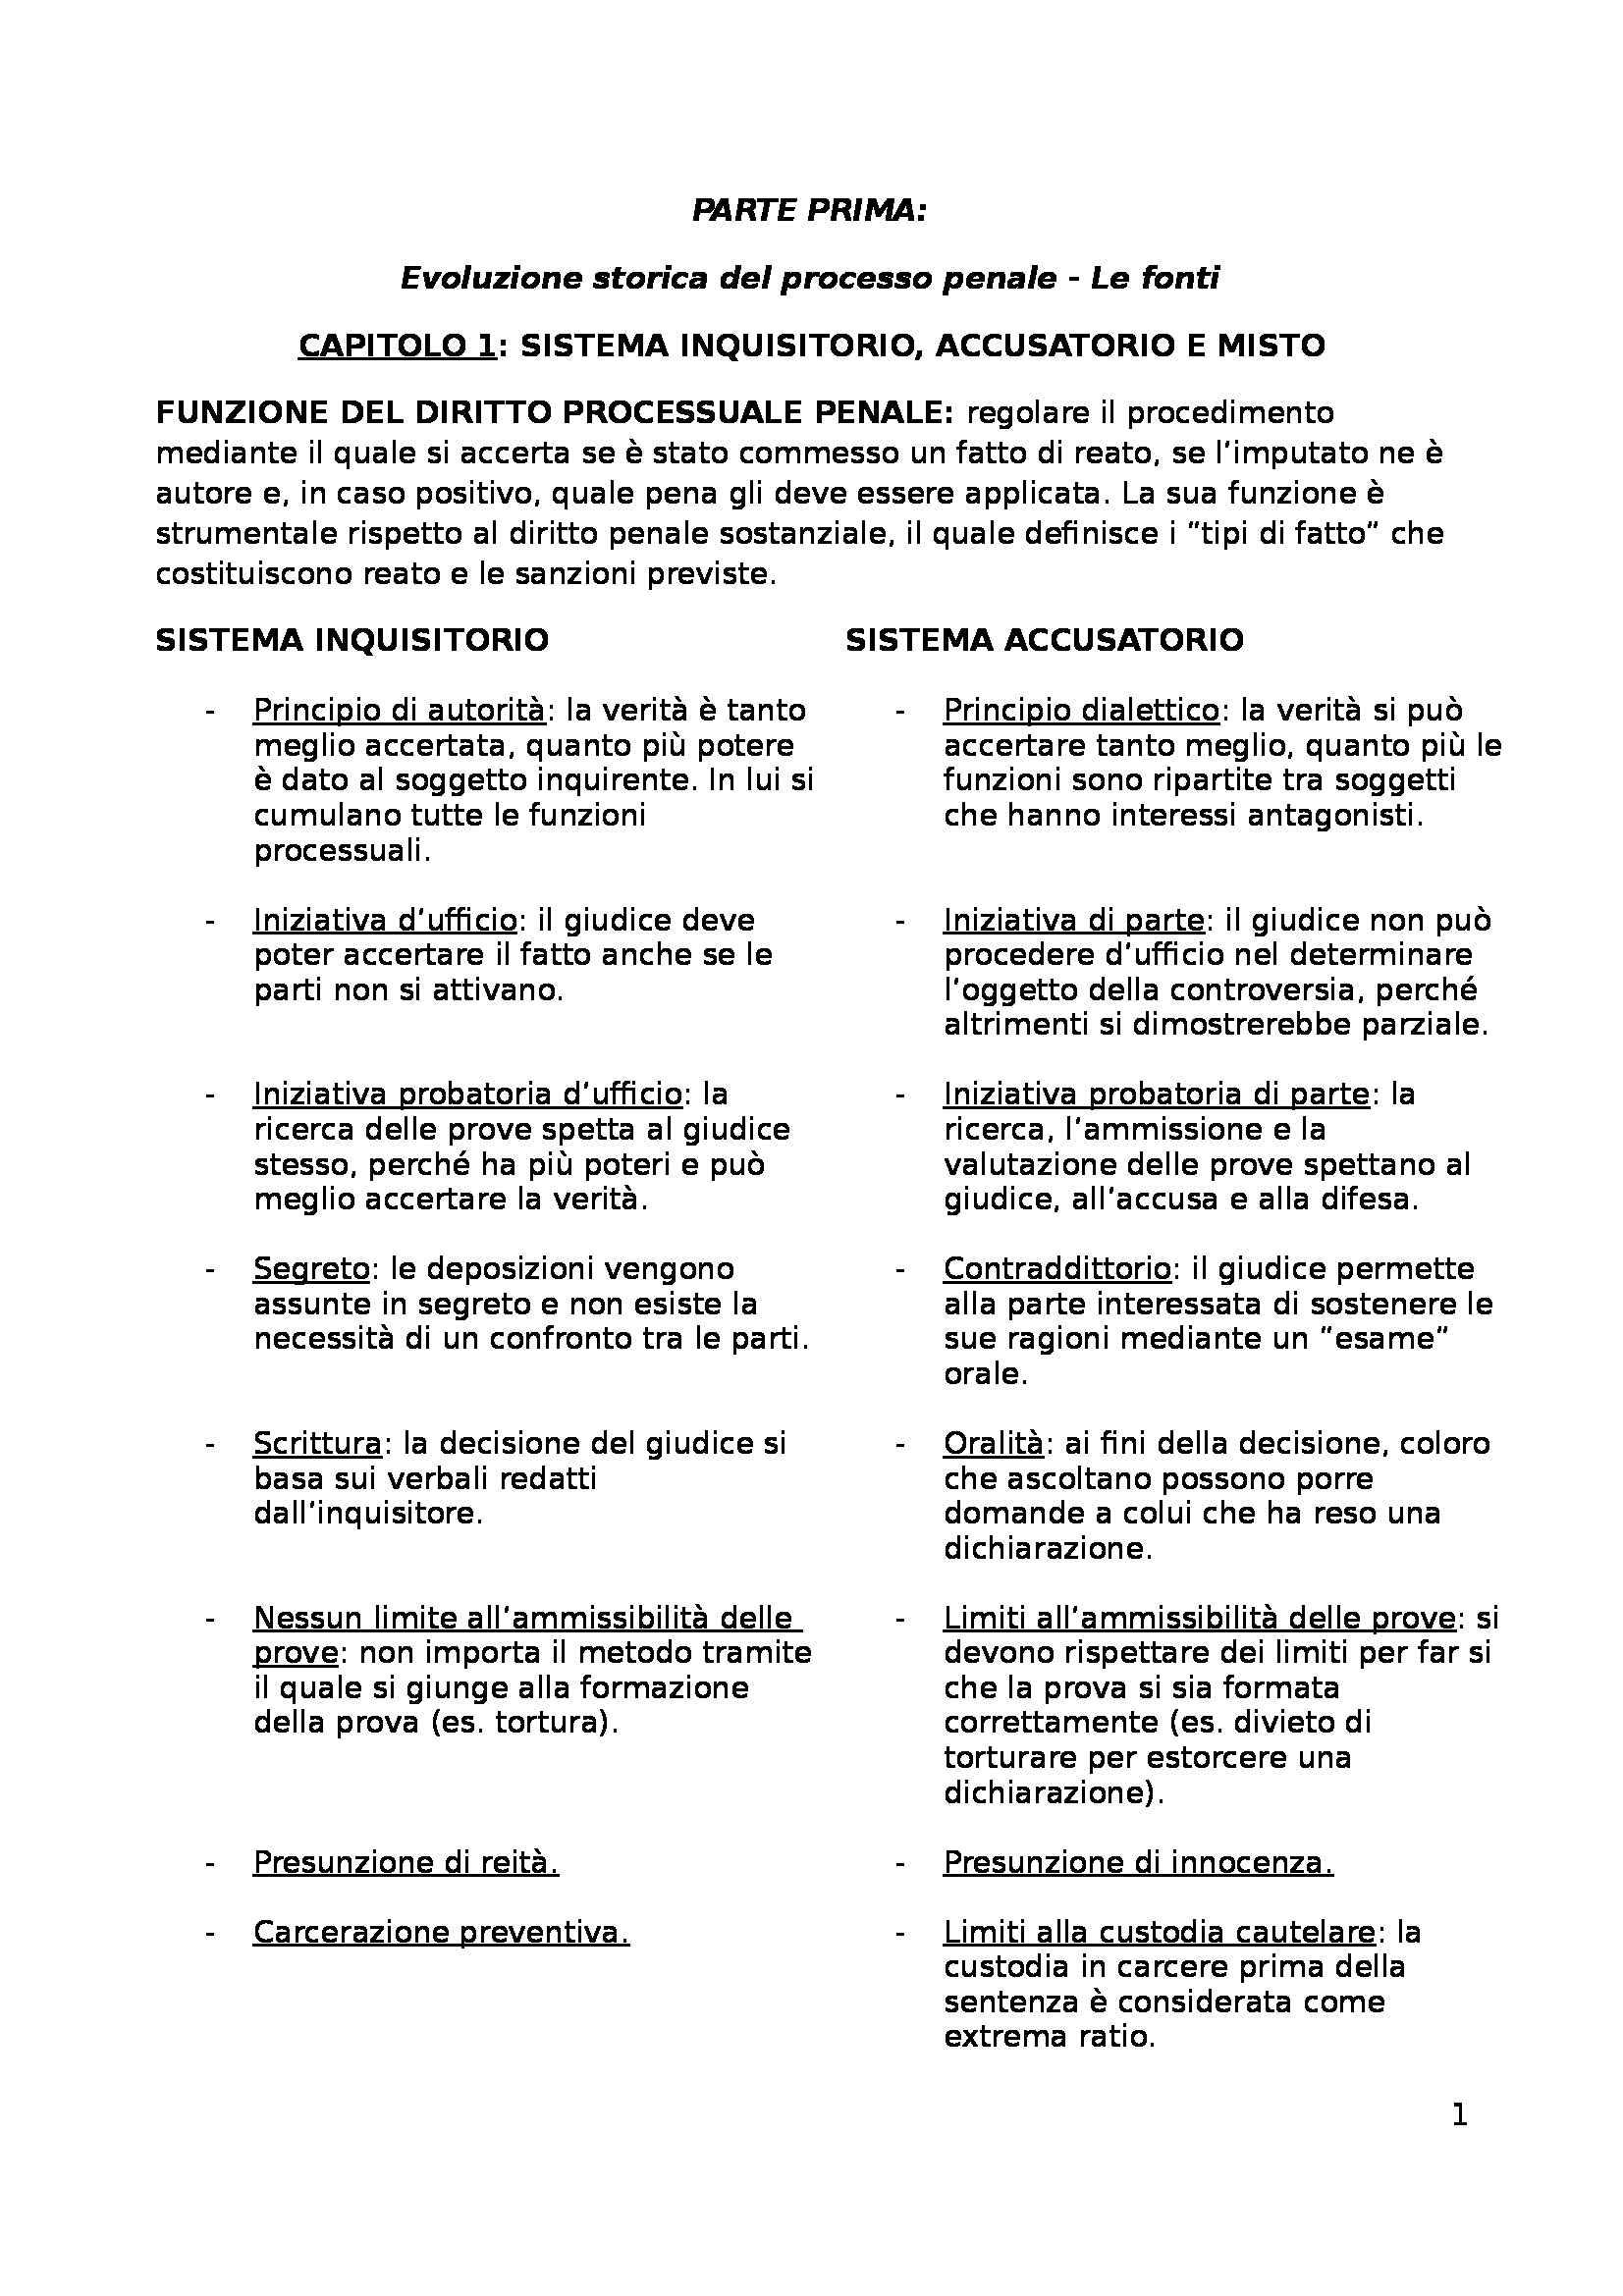 Riassunto esame Diritto Processuale Penale, prof. Coppetta, libro consigliato Procedura Penale, Tonini